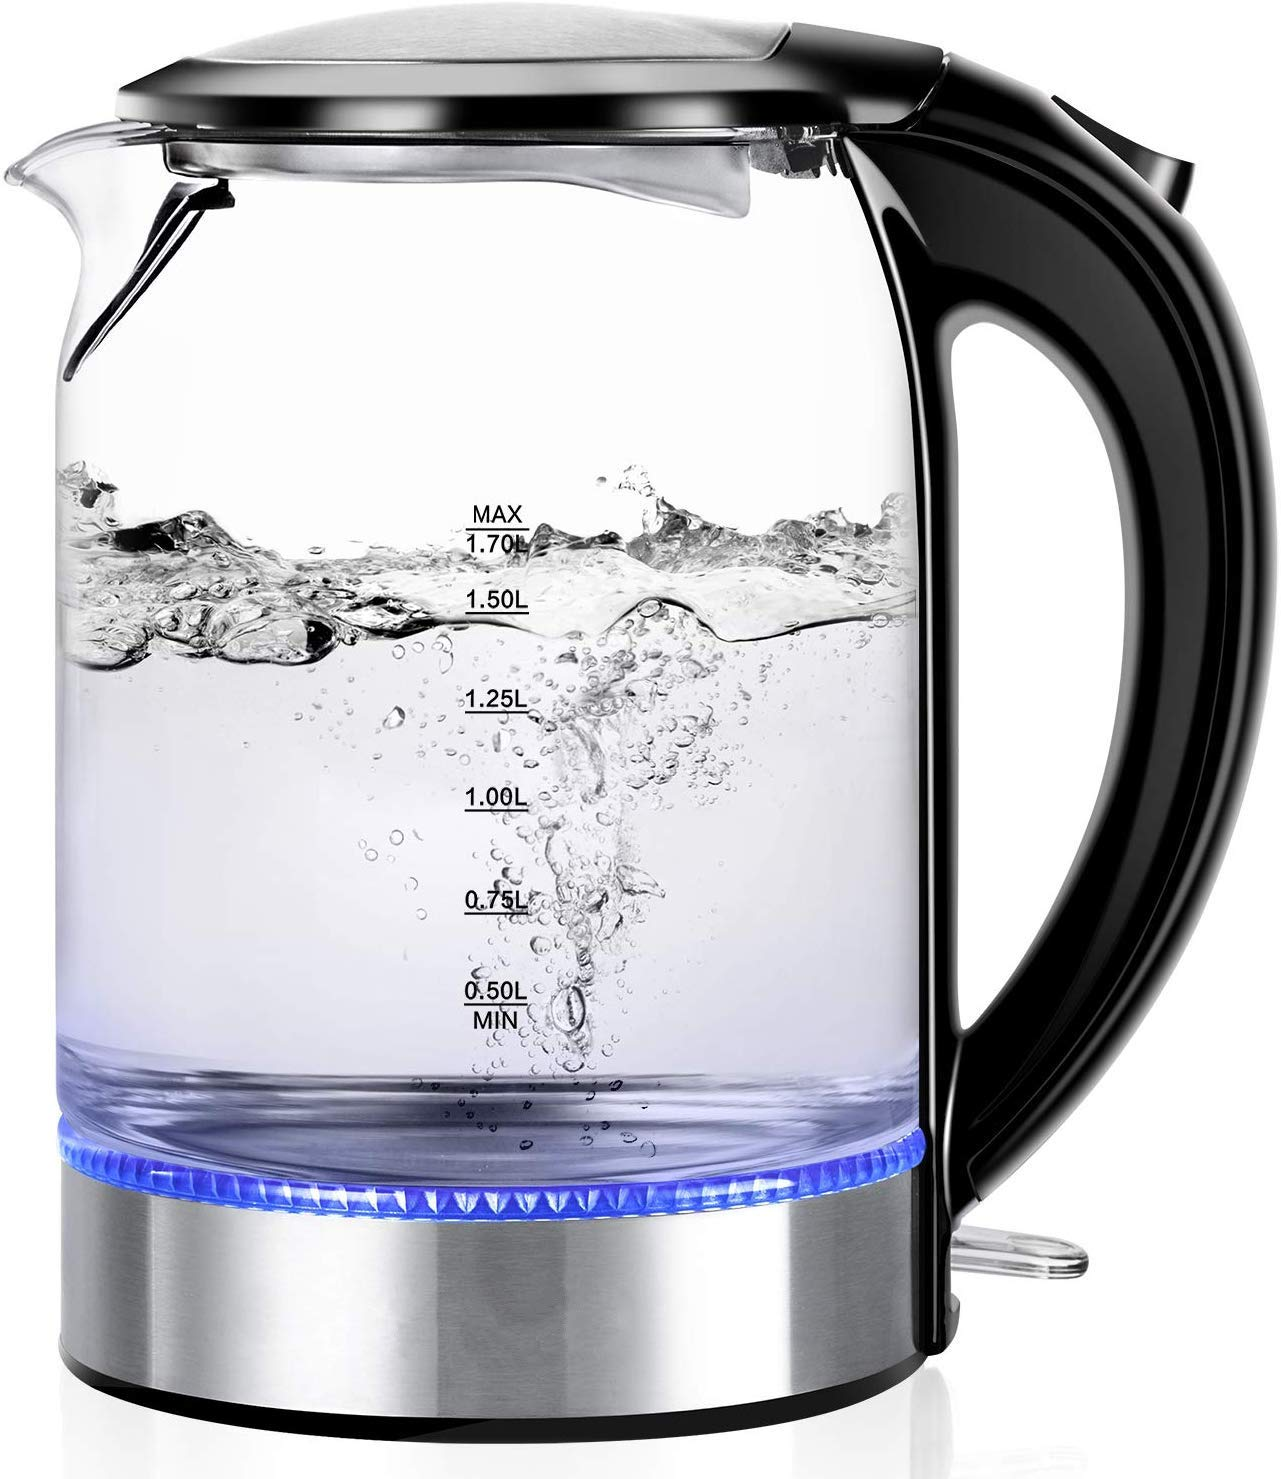 Wasserkocher-Glas-Elektrisch-Glaswasserkocher-17-L-Wasserkoch-mit-LED-Beleuchtung-Auto-off-Trockenlaufschutz-BPA-frei